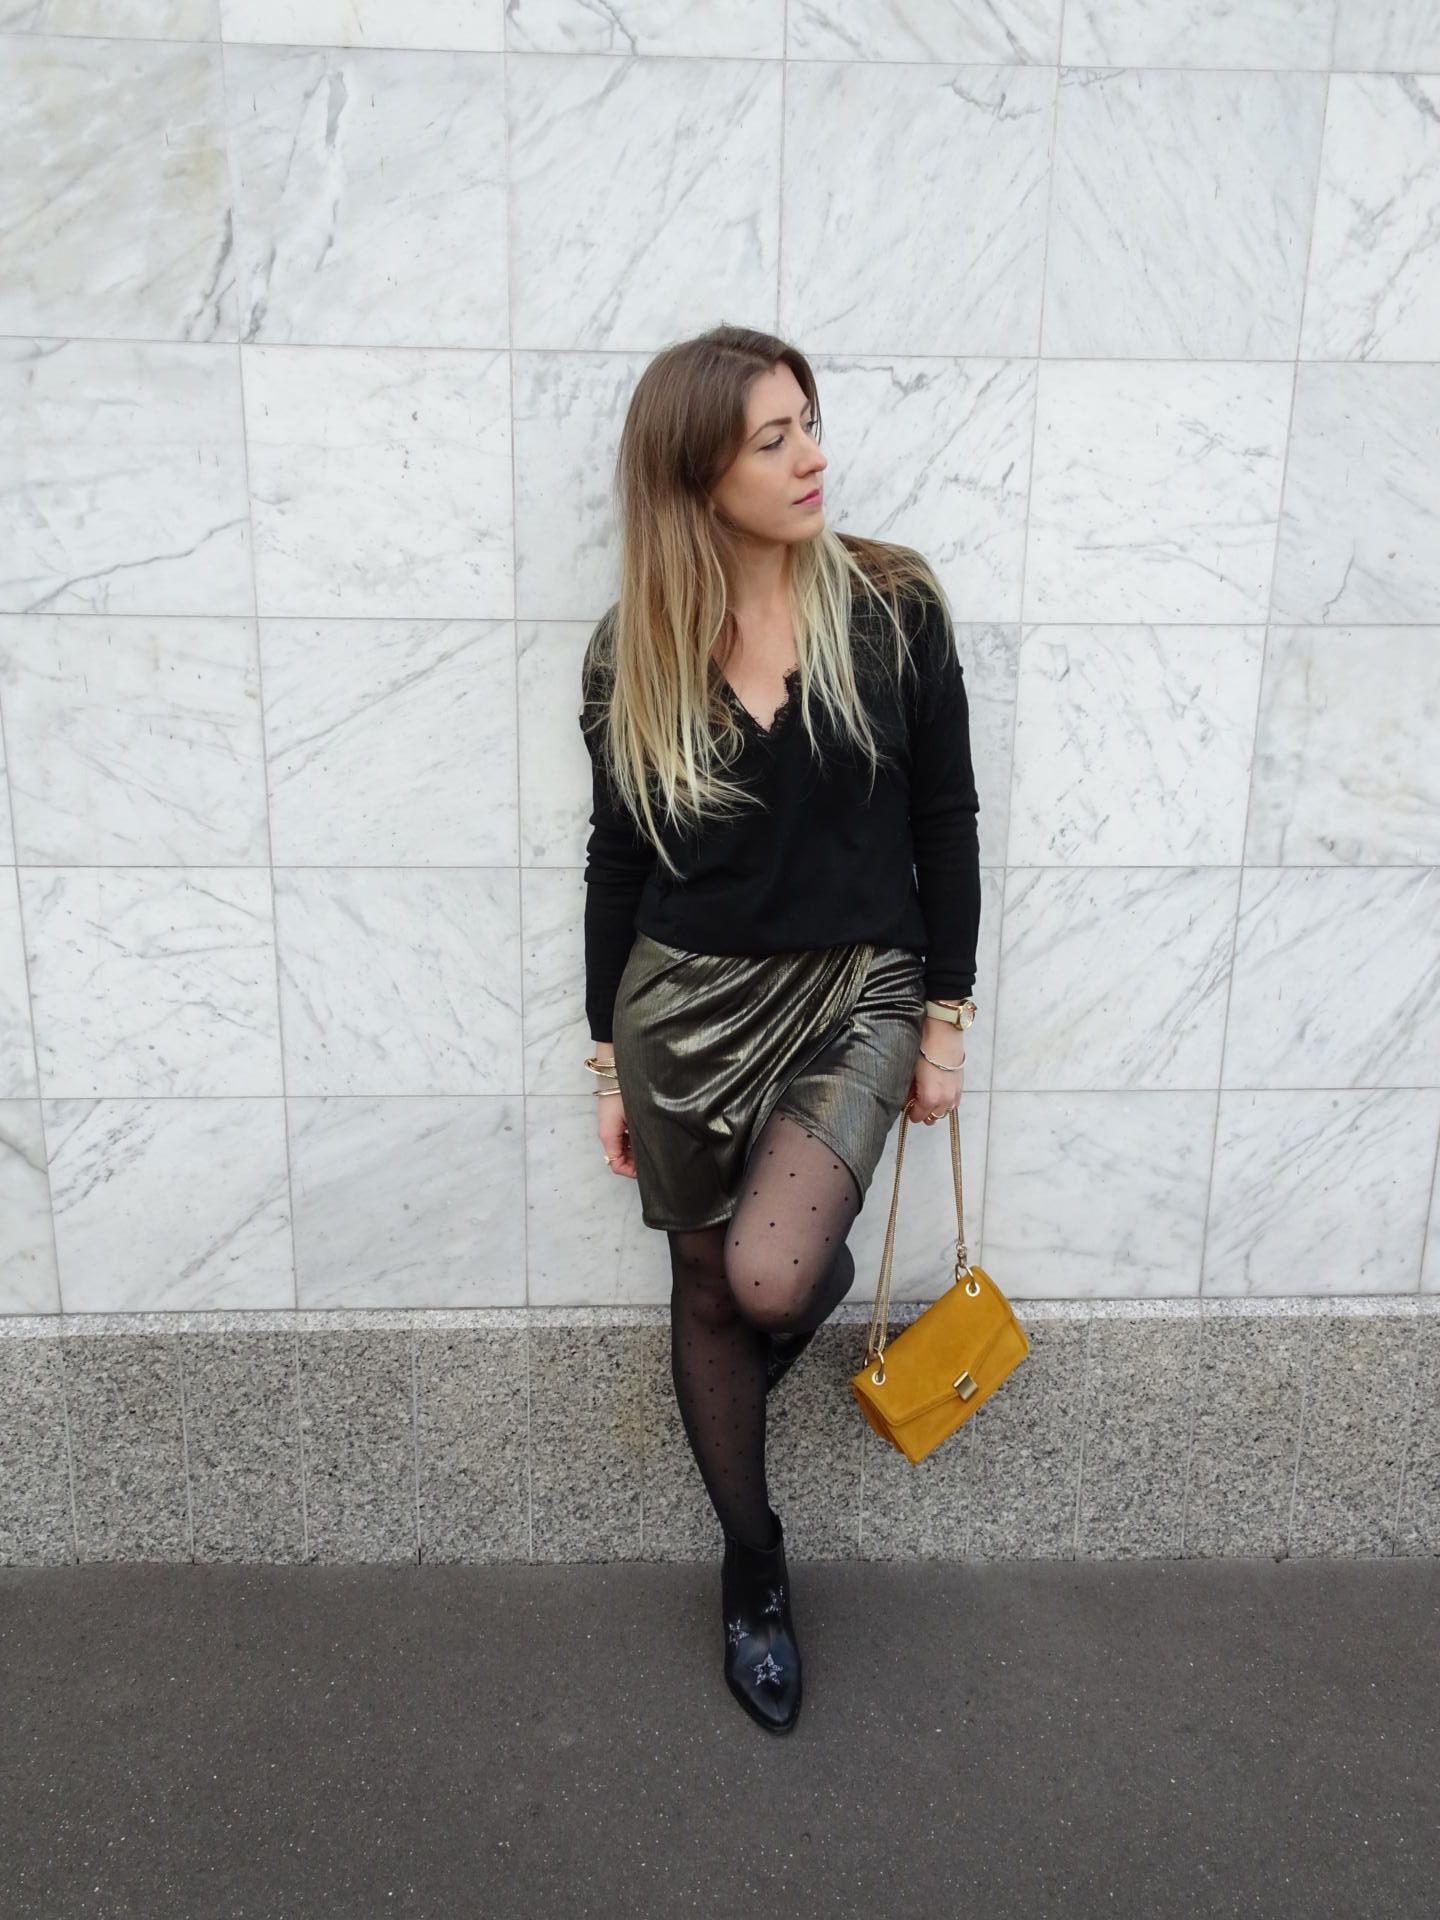 Look & Astuces – Comment porter la robe dorée en journée